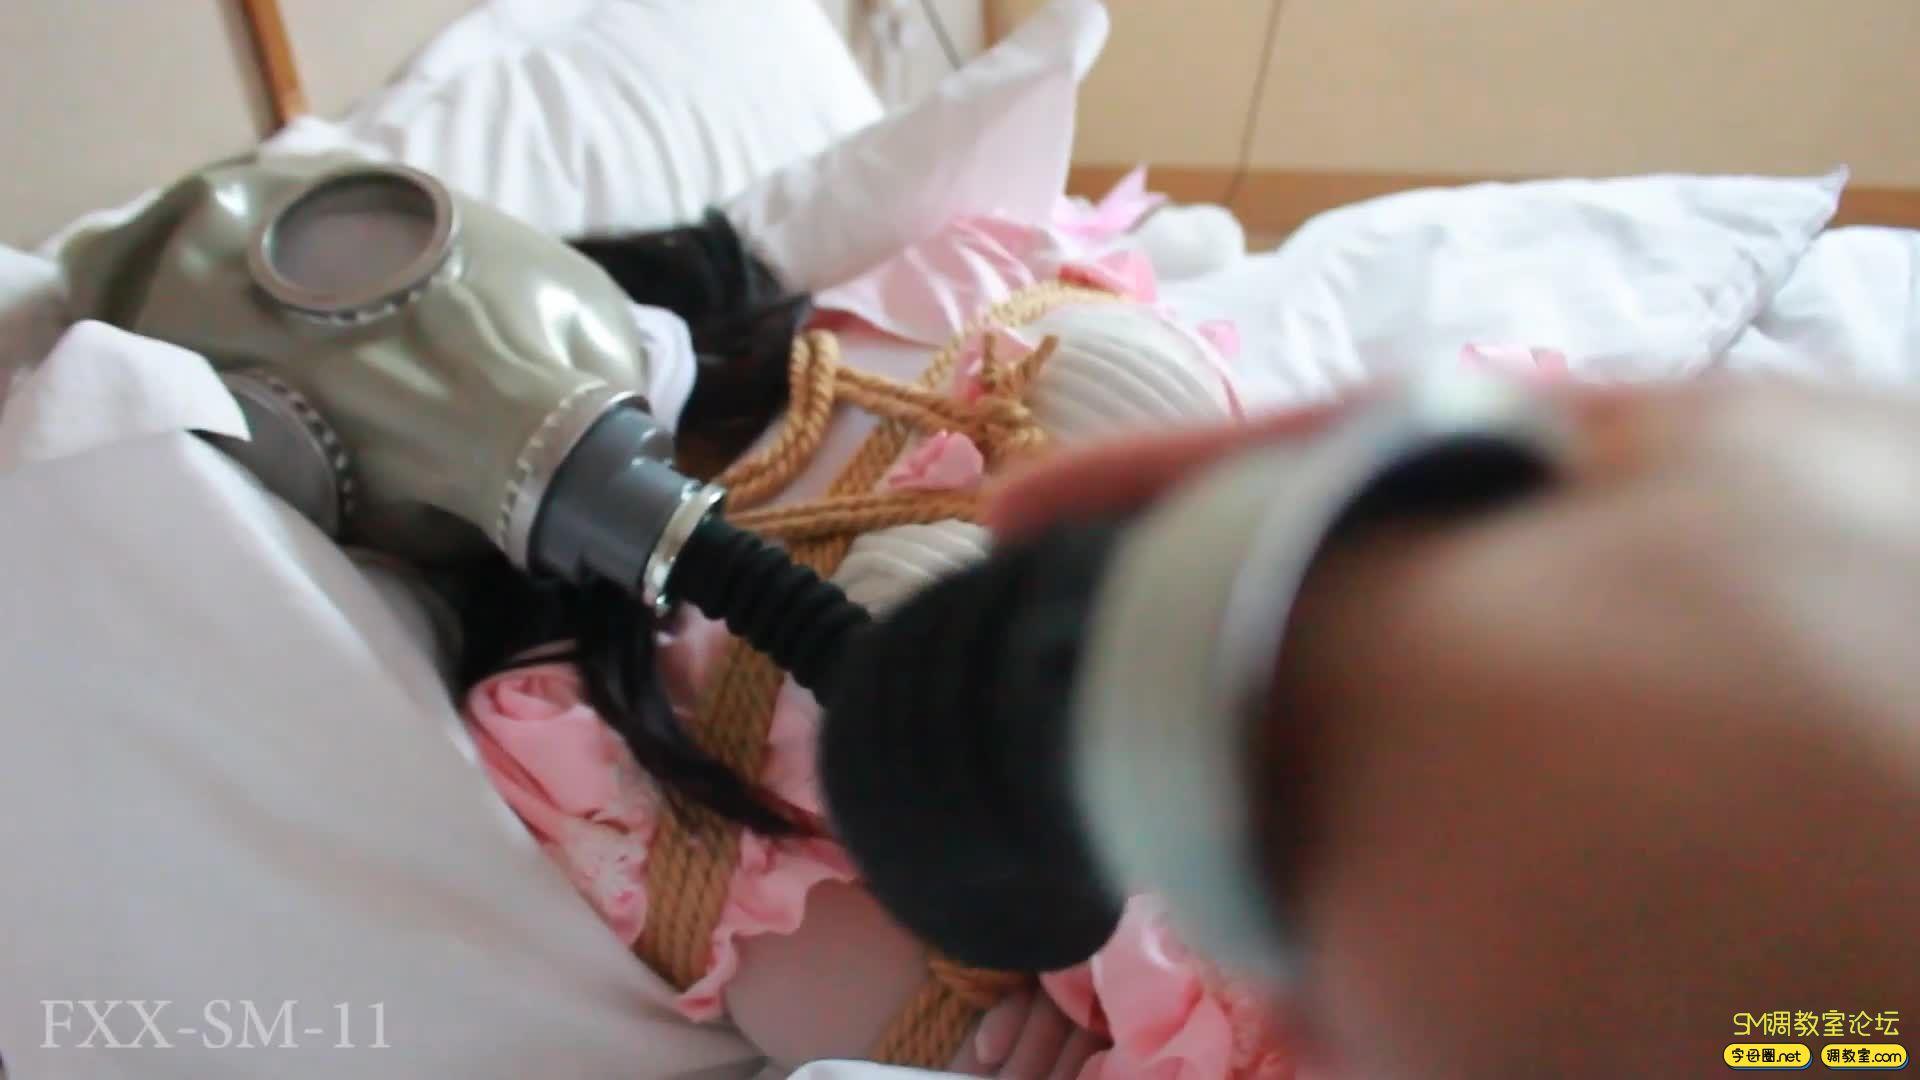 【FXX】年终巨献 lo娘 白丝连身袜  驷马震动全方位调教-视频截图7